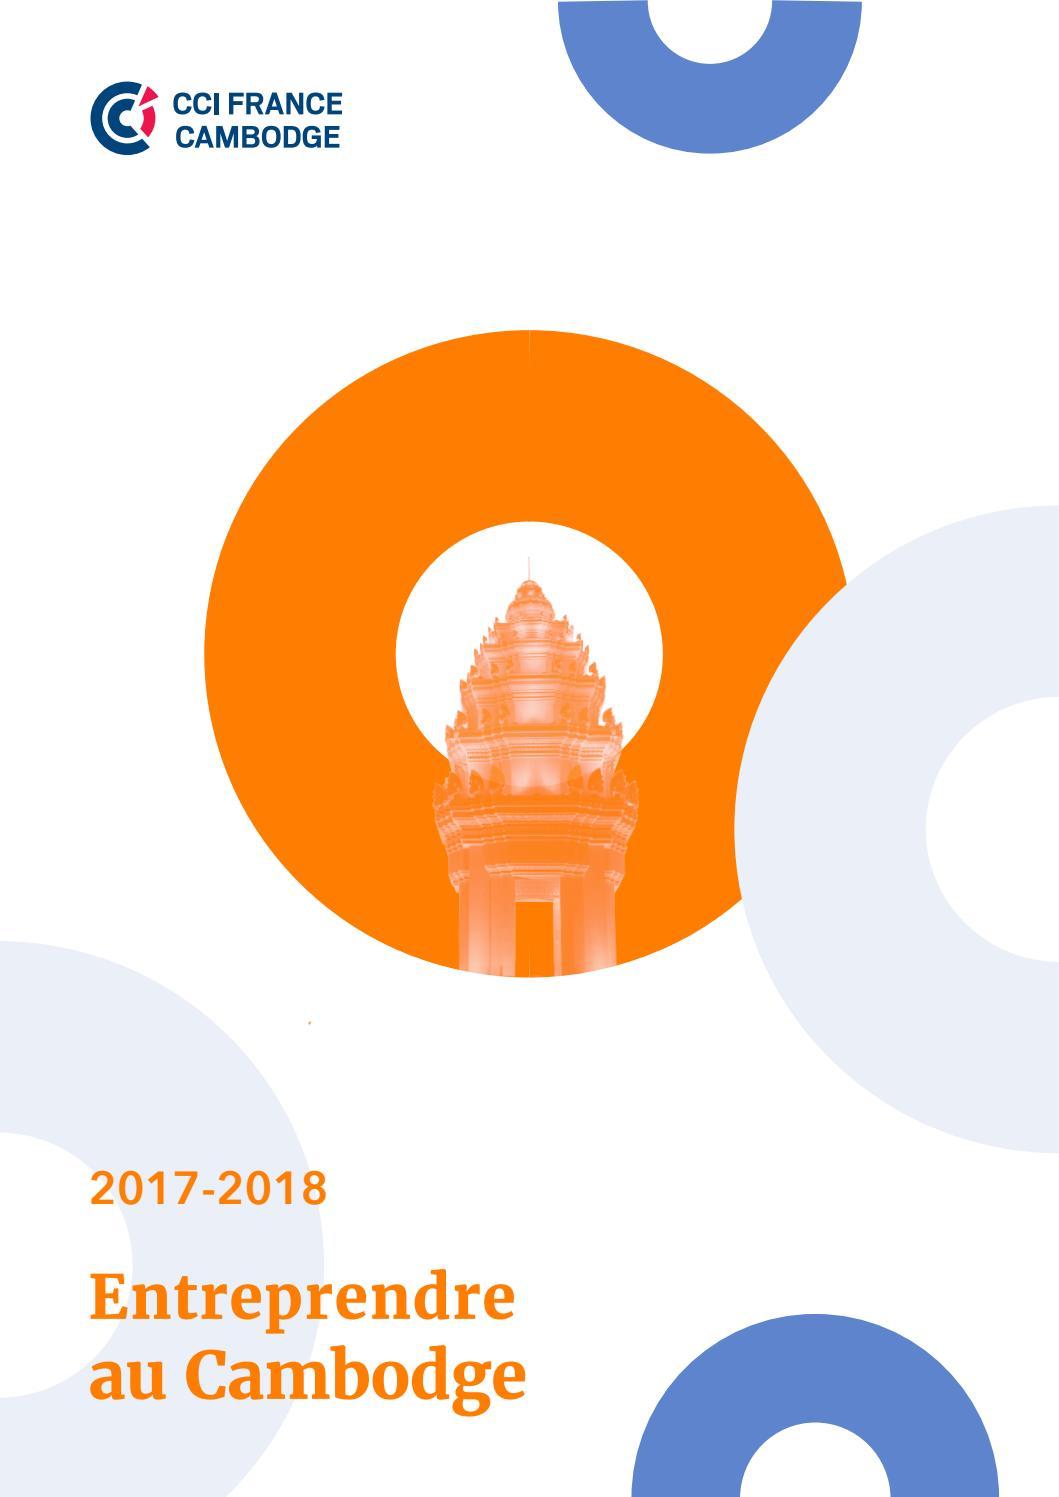 Entreprendre Au Cambodge 2017 2018 By CCI FRANCE CAMBODGE